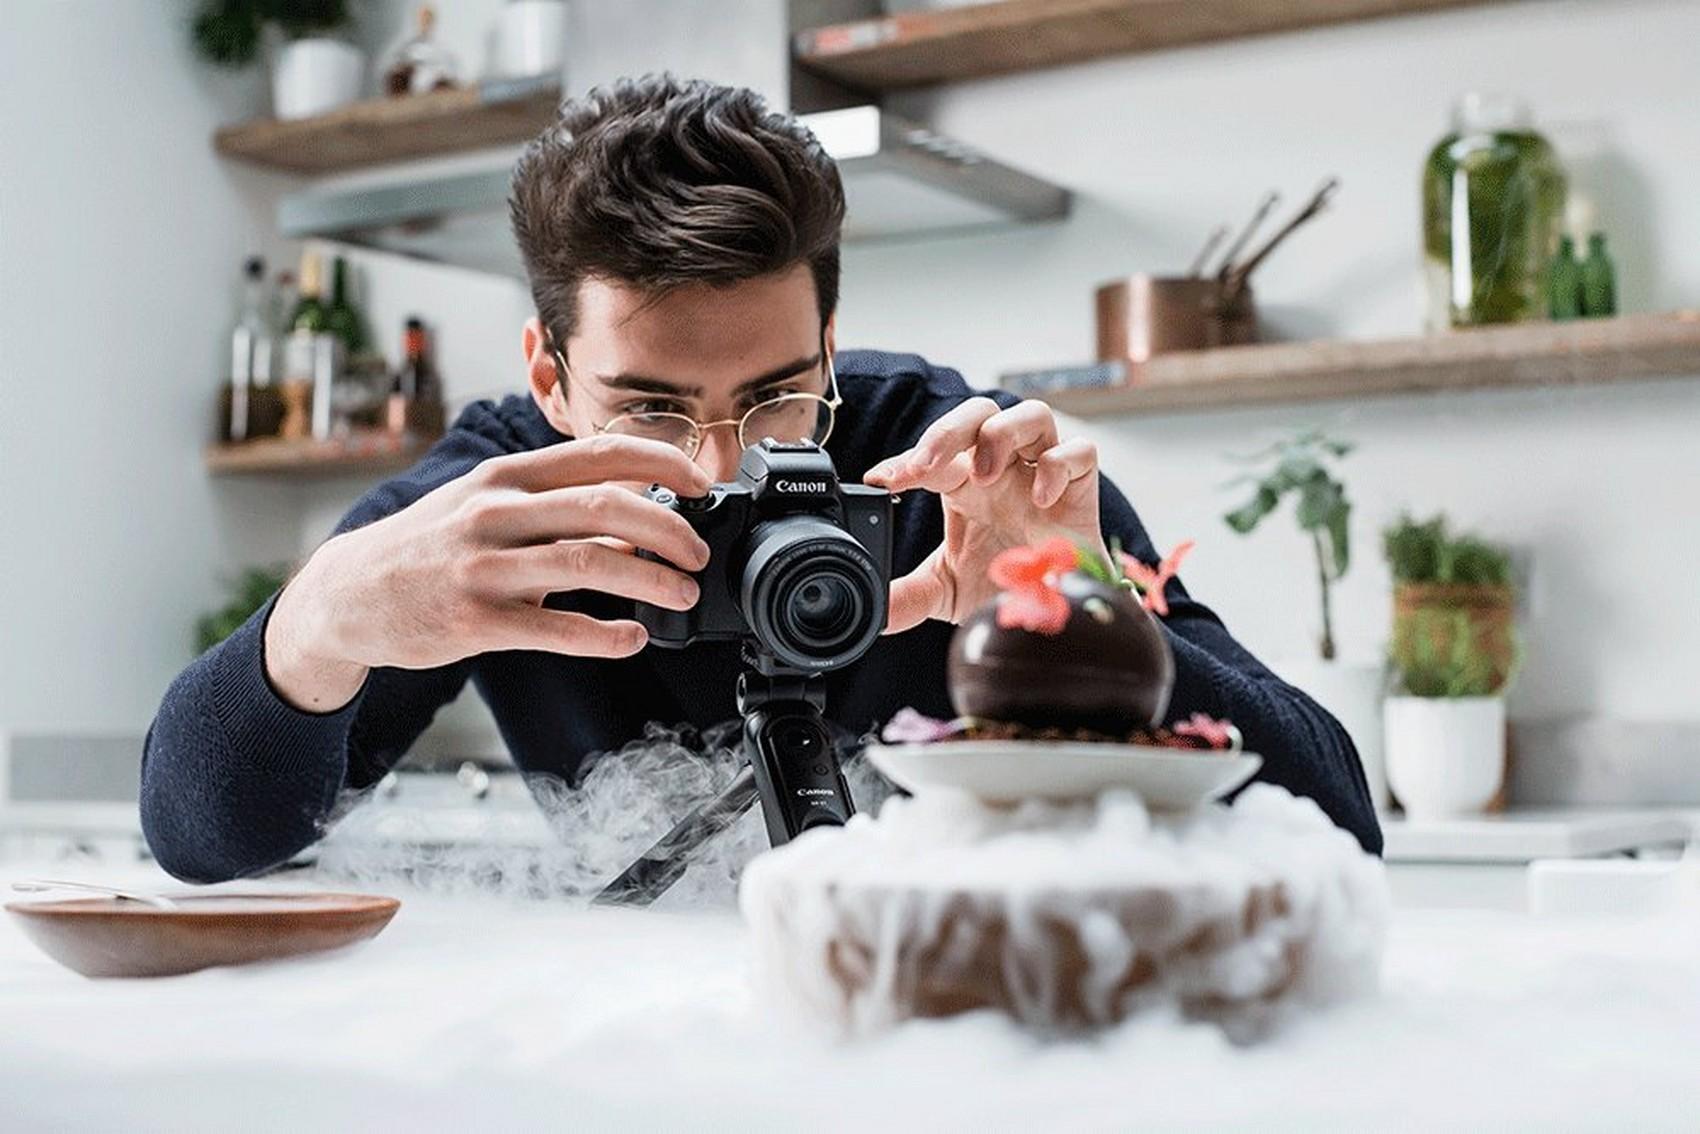 Die EOS M50 Mark II ist Canons Antwort auf die wachsende Nachfrage nach einer qualitativ hochwertigen Kamera für zeitgemäßen Content in den sozialen Medien. (c) Canon